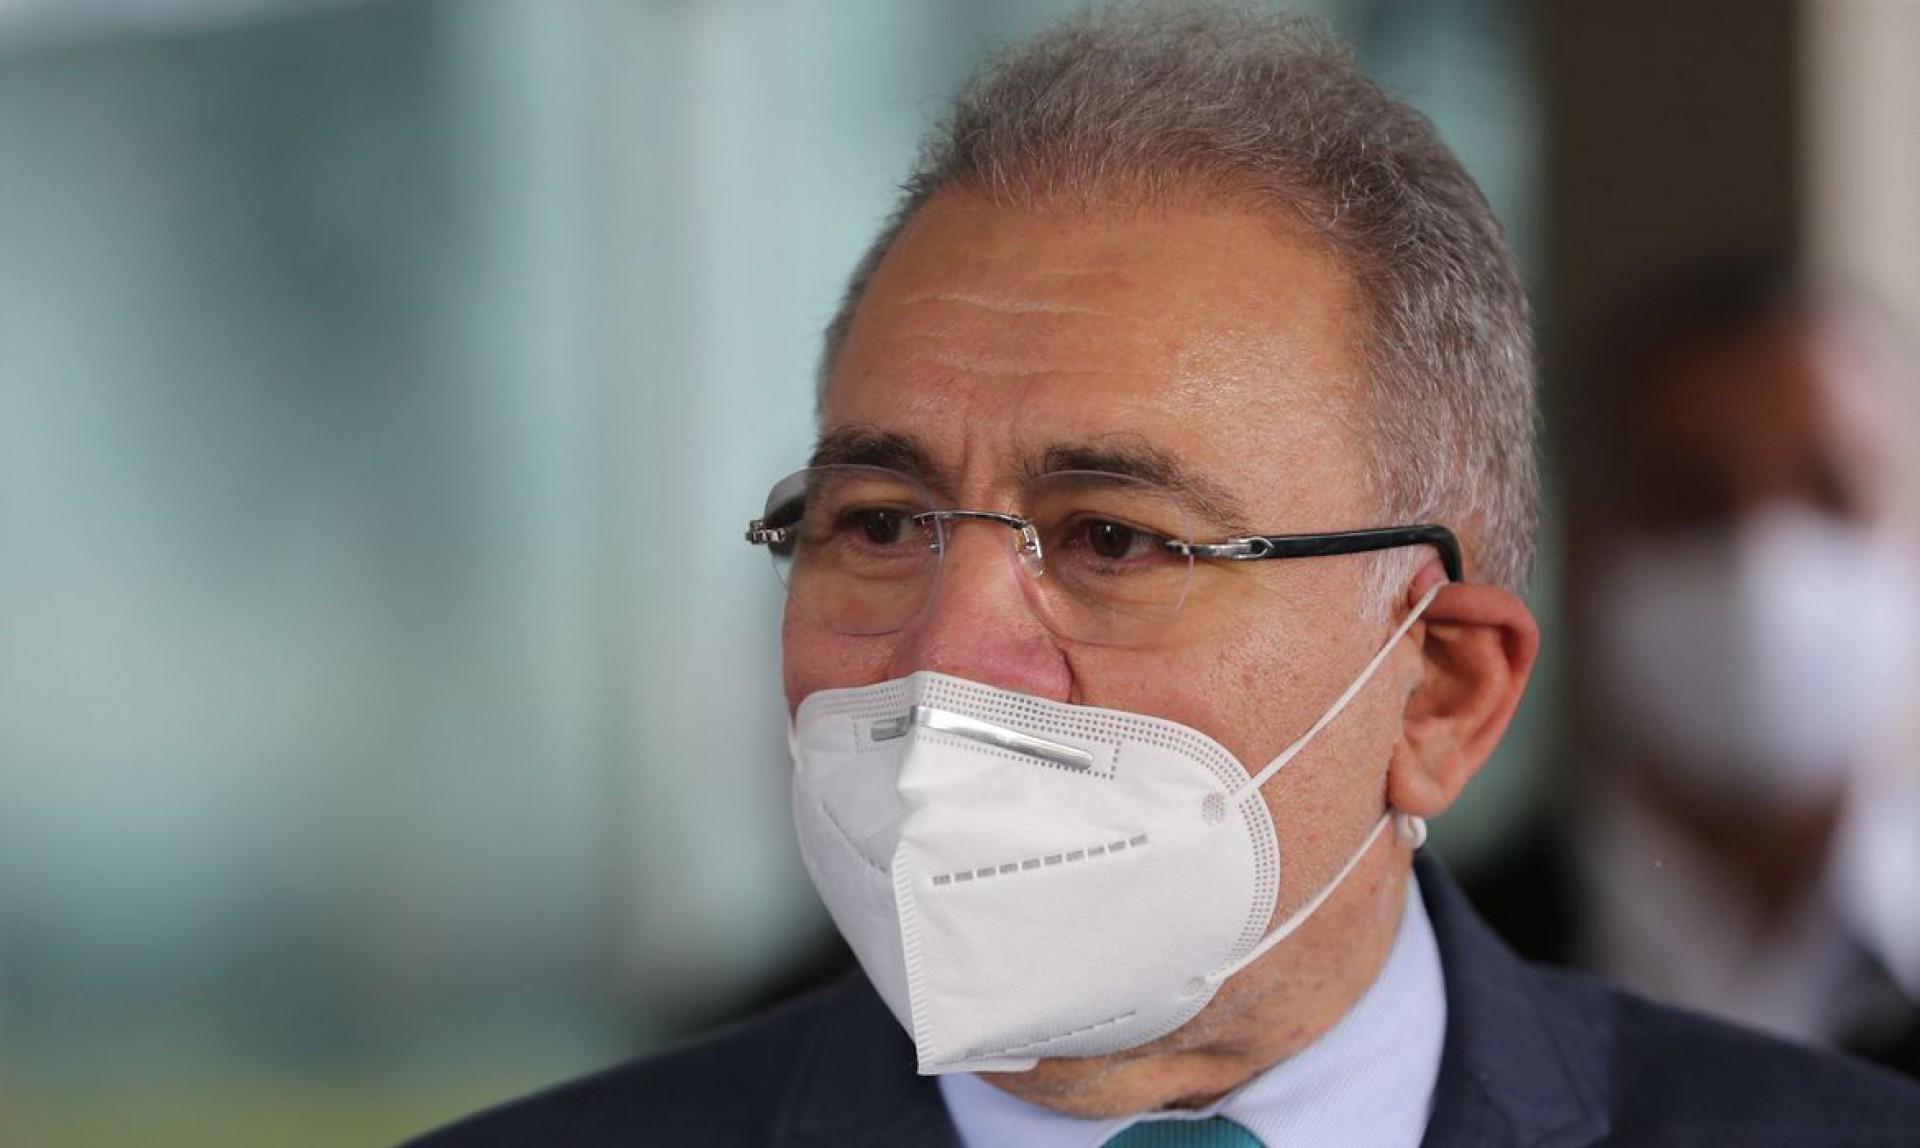 O médico cardiologista Marcelo Queiroga e atual ministro da Saúde. (Foto: Fábio Rodrigues Pozzebom/Agência Brasil)